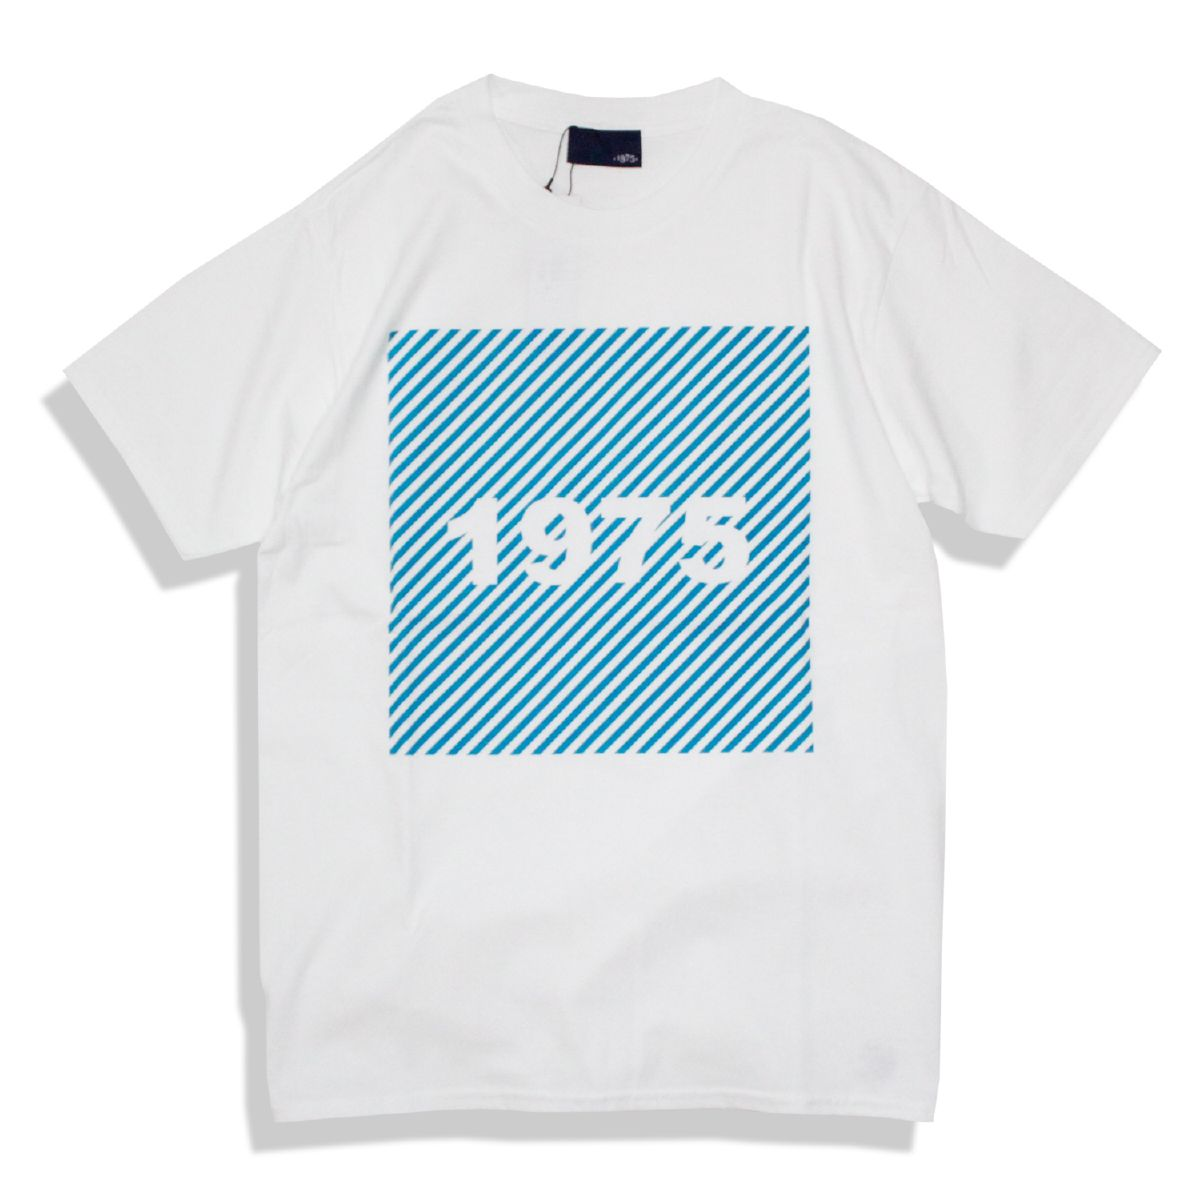 【50%OFF】1975 TOKYO 1975トーキョー SLANT STRIPE Tee